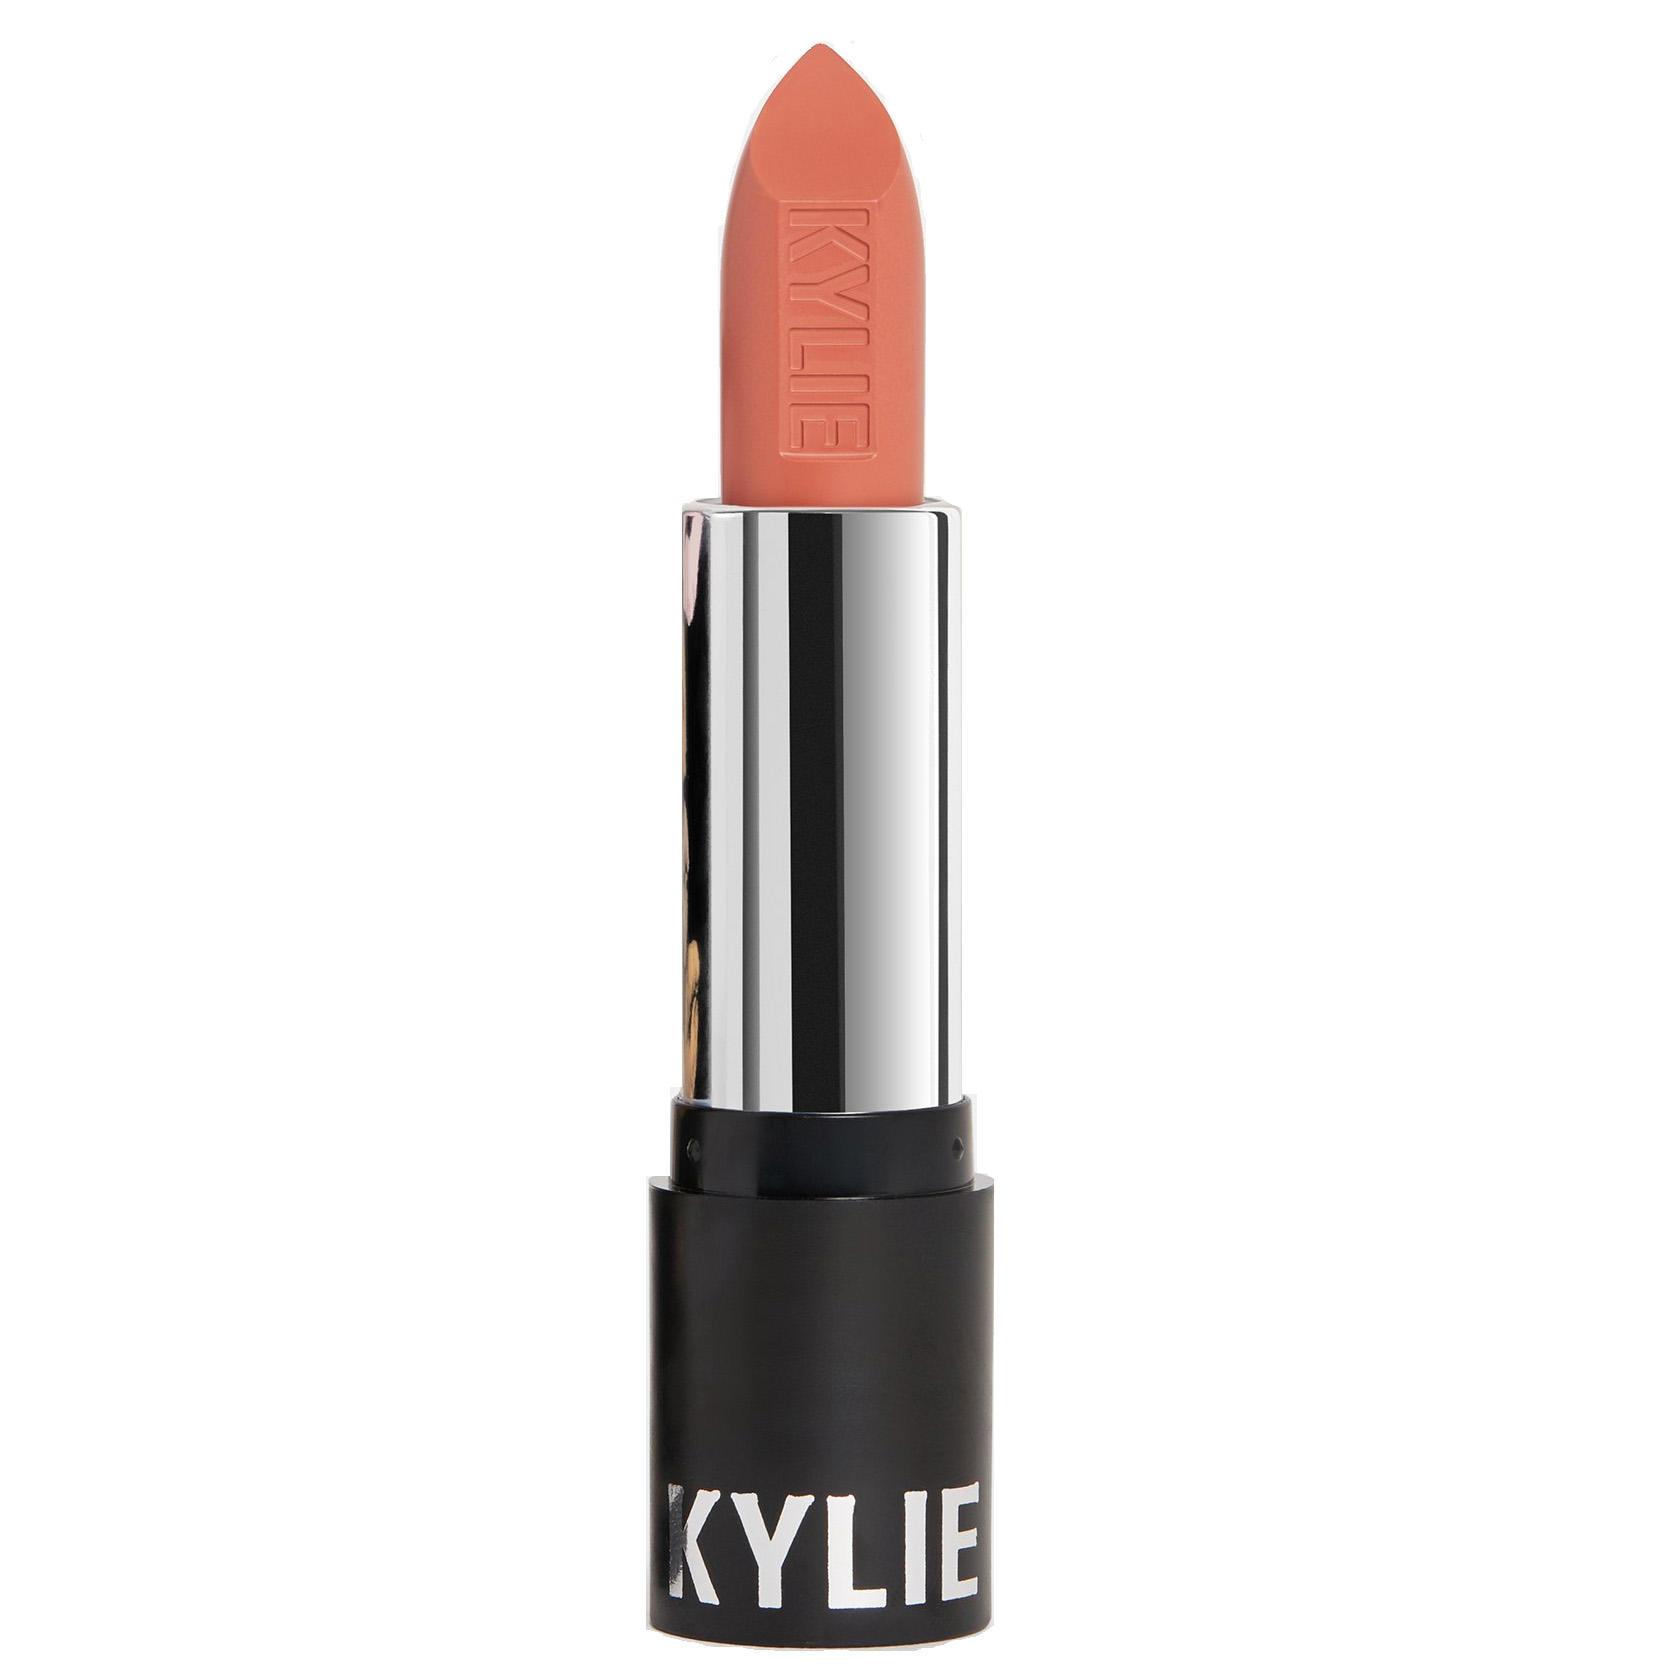 Kylie Matte Lipstick Miami